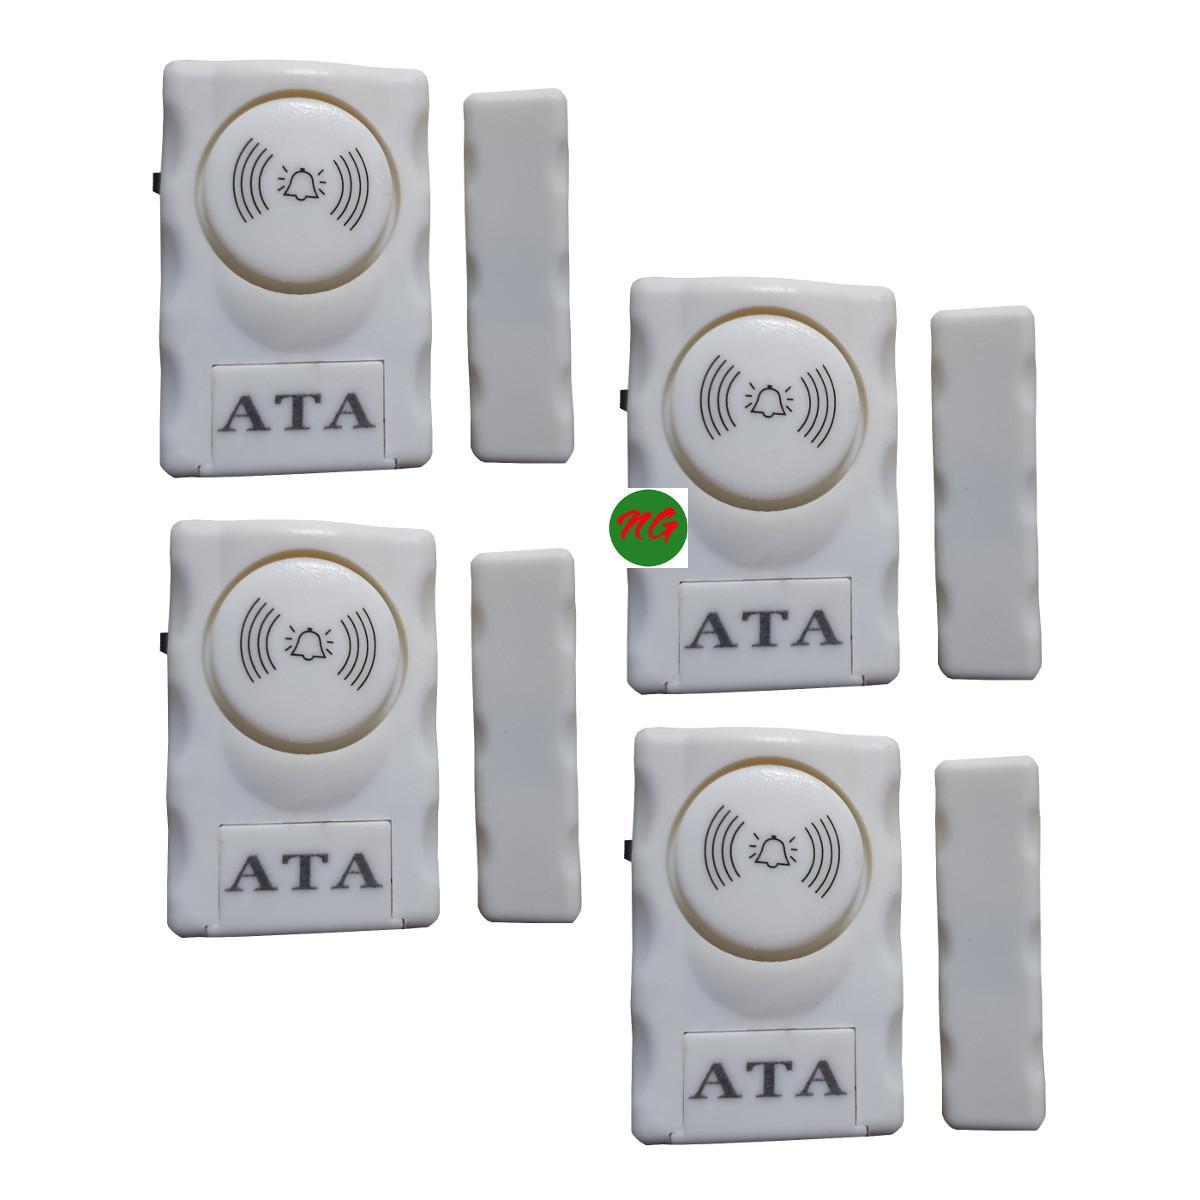 Bộ 4 chuông cửa từ báo động chống trộm ATA 007 tiếng hú lớn dán ở cửa lớn cửa sồ cửa tủ chống trộm hiệu quả